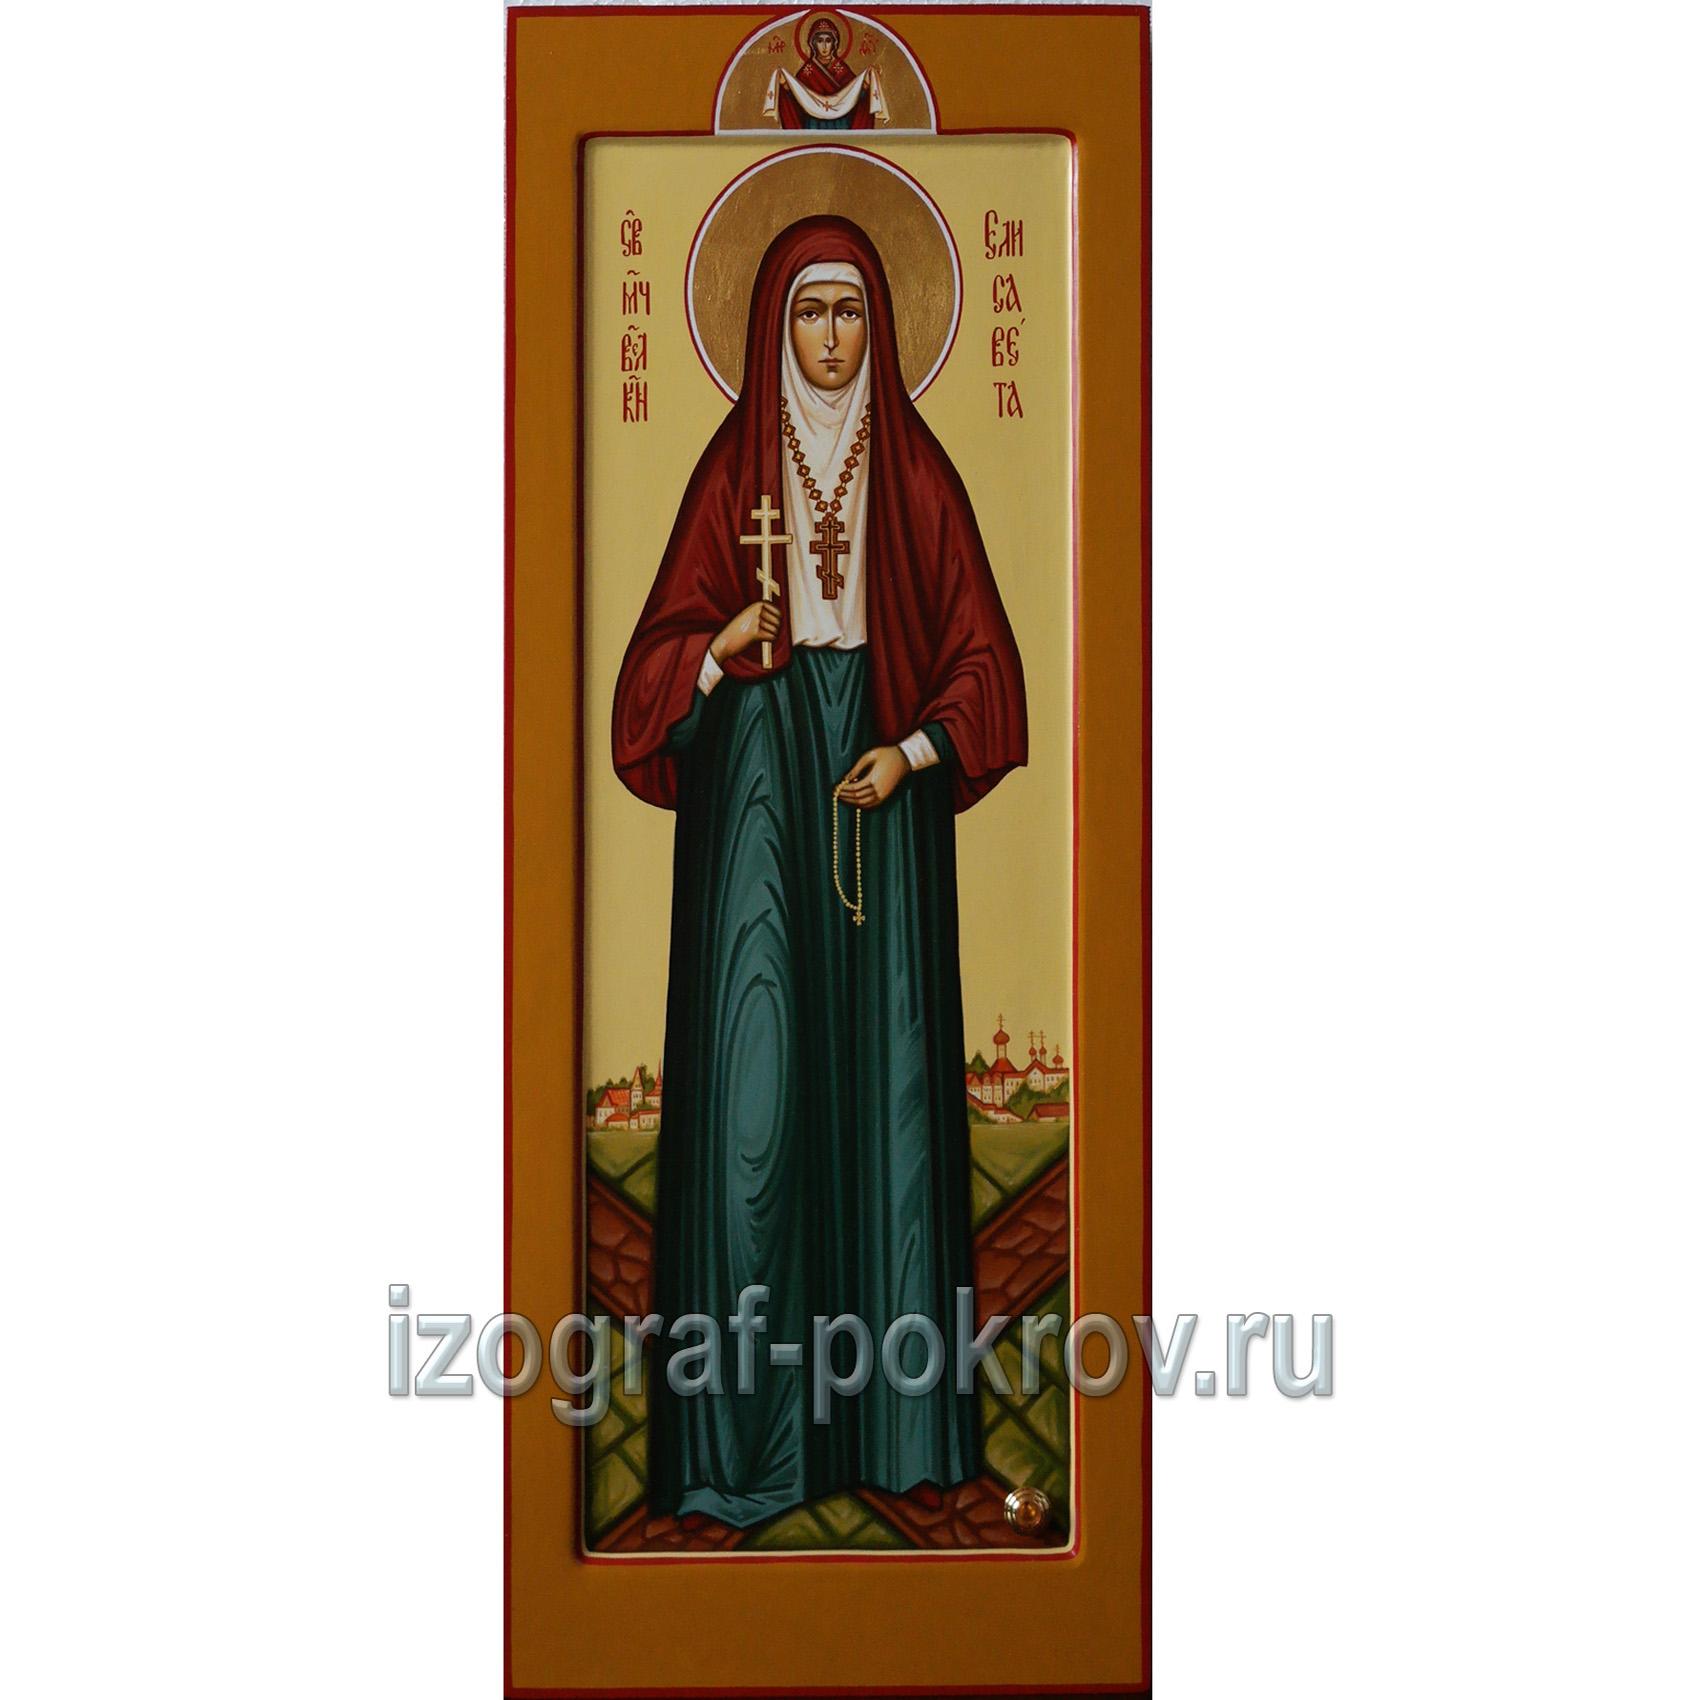 Мерная икона Елисавета Федоровна Алапаевская преподобномученица заказ